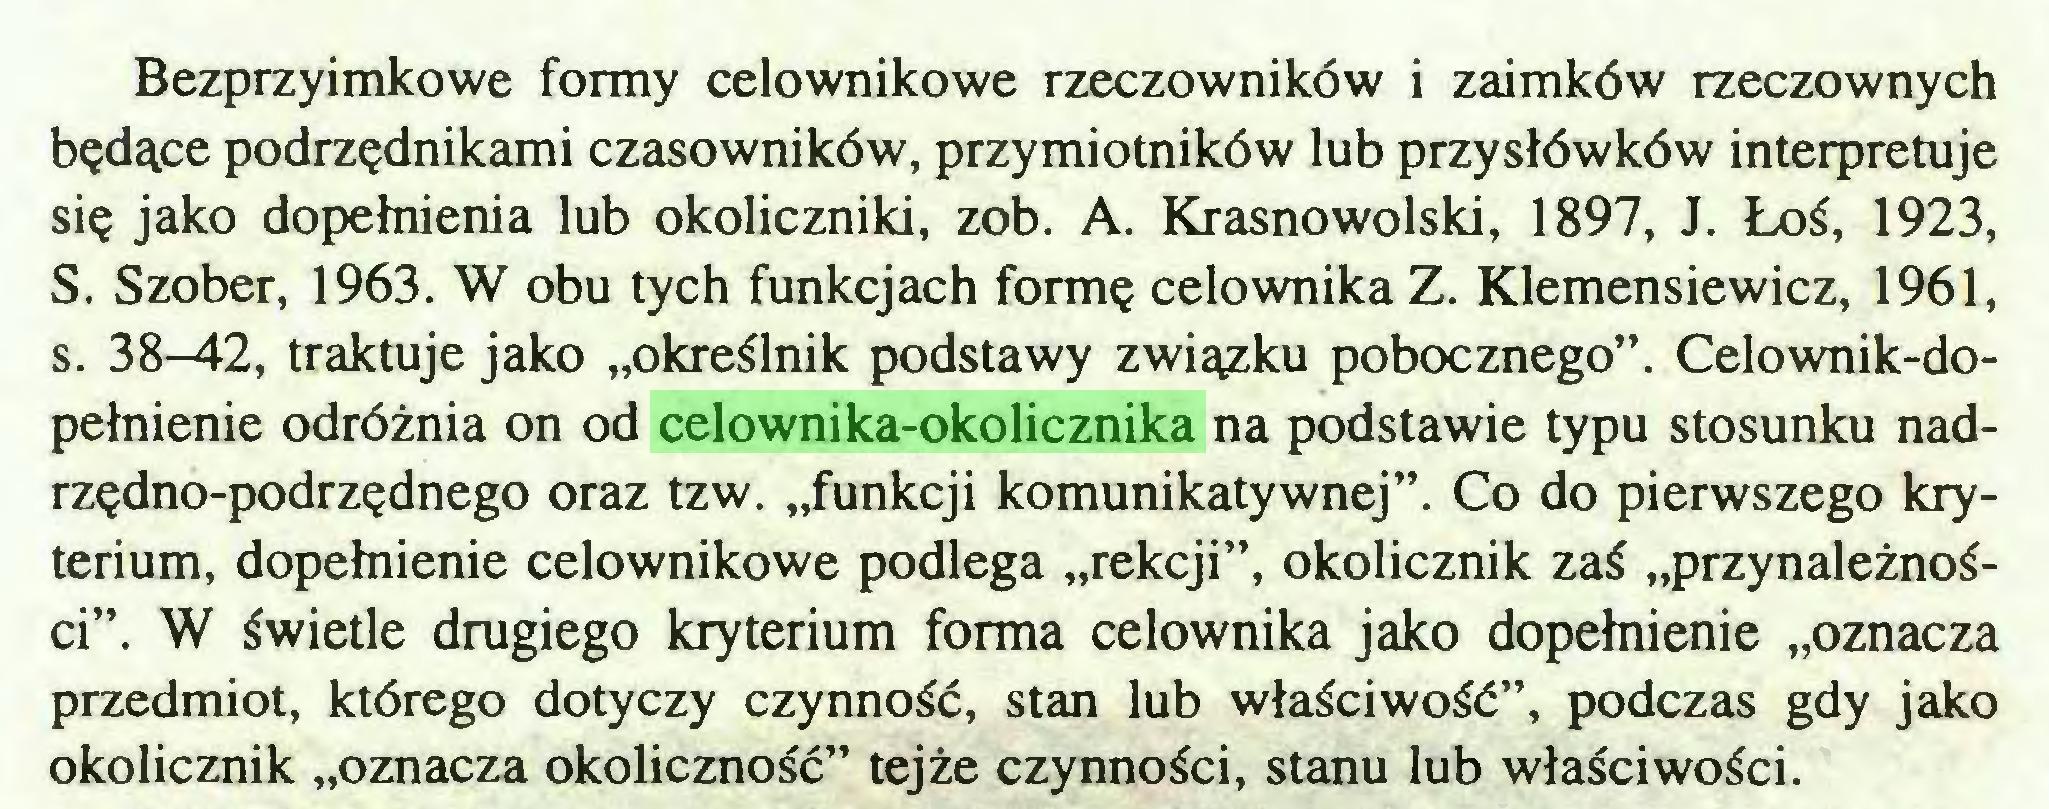 """(...) Bezprzyimkowe formy celownikowe rzeczowników i zaimków rzeczownych będące podrzędnikami czasowników, przymiotników lub przysłówków interpretuje się jako dopełnienia lub okoliczniki, zob. A. Krasnowolski, 1897, J. Łoś, 1923, S. Szober, 1963. W obu tych funkcjach formę celownika Z. Klemensiewicz, 1961, s. 38-42, traktuje jako """"określnik podstawy związku pobocznego"""". Celownik-dopełnienie odróżnia on od celownika-okolicznika na podstawie typu stosunku nadrzędno-podrzędnego oraz tzw. """"funkcji komunikatywnej"""". Co do pierwszego kryterium, dopełnienie celownikowe podlega """"rekcji"""", okolicznik zaś """"przynależności"""". W świetle drugiego kryterium forma celownika jako dopełnienie """"oznacza przedmiot, którego dotyczy czynność, stan lub właściwość"""", podczas gdy jako okolicznik """"oznacza okoliczność"""" tejże czynności, stanu lub właściwości..."""